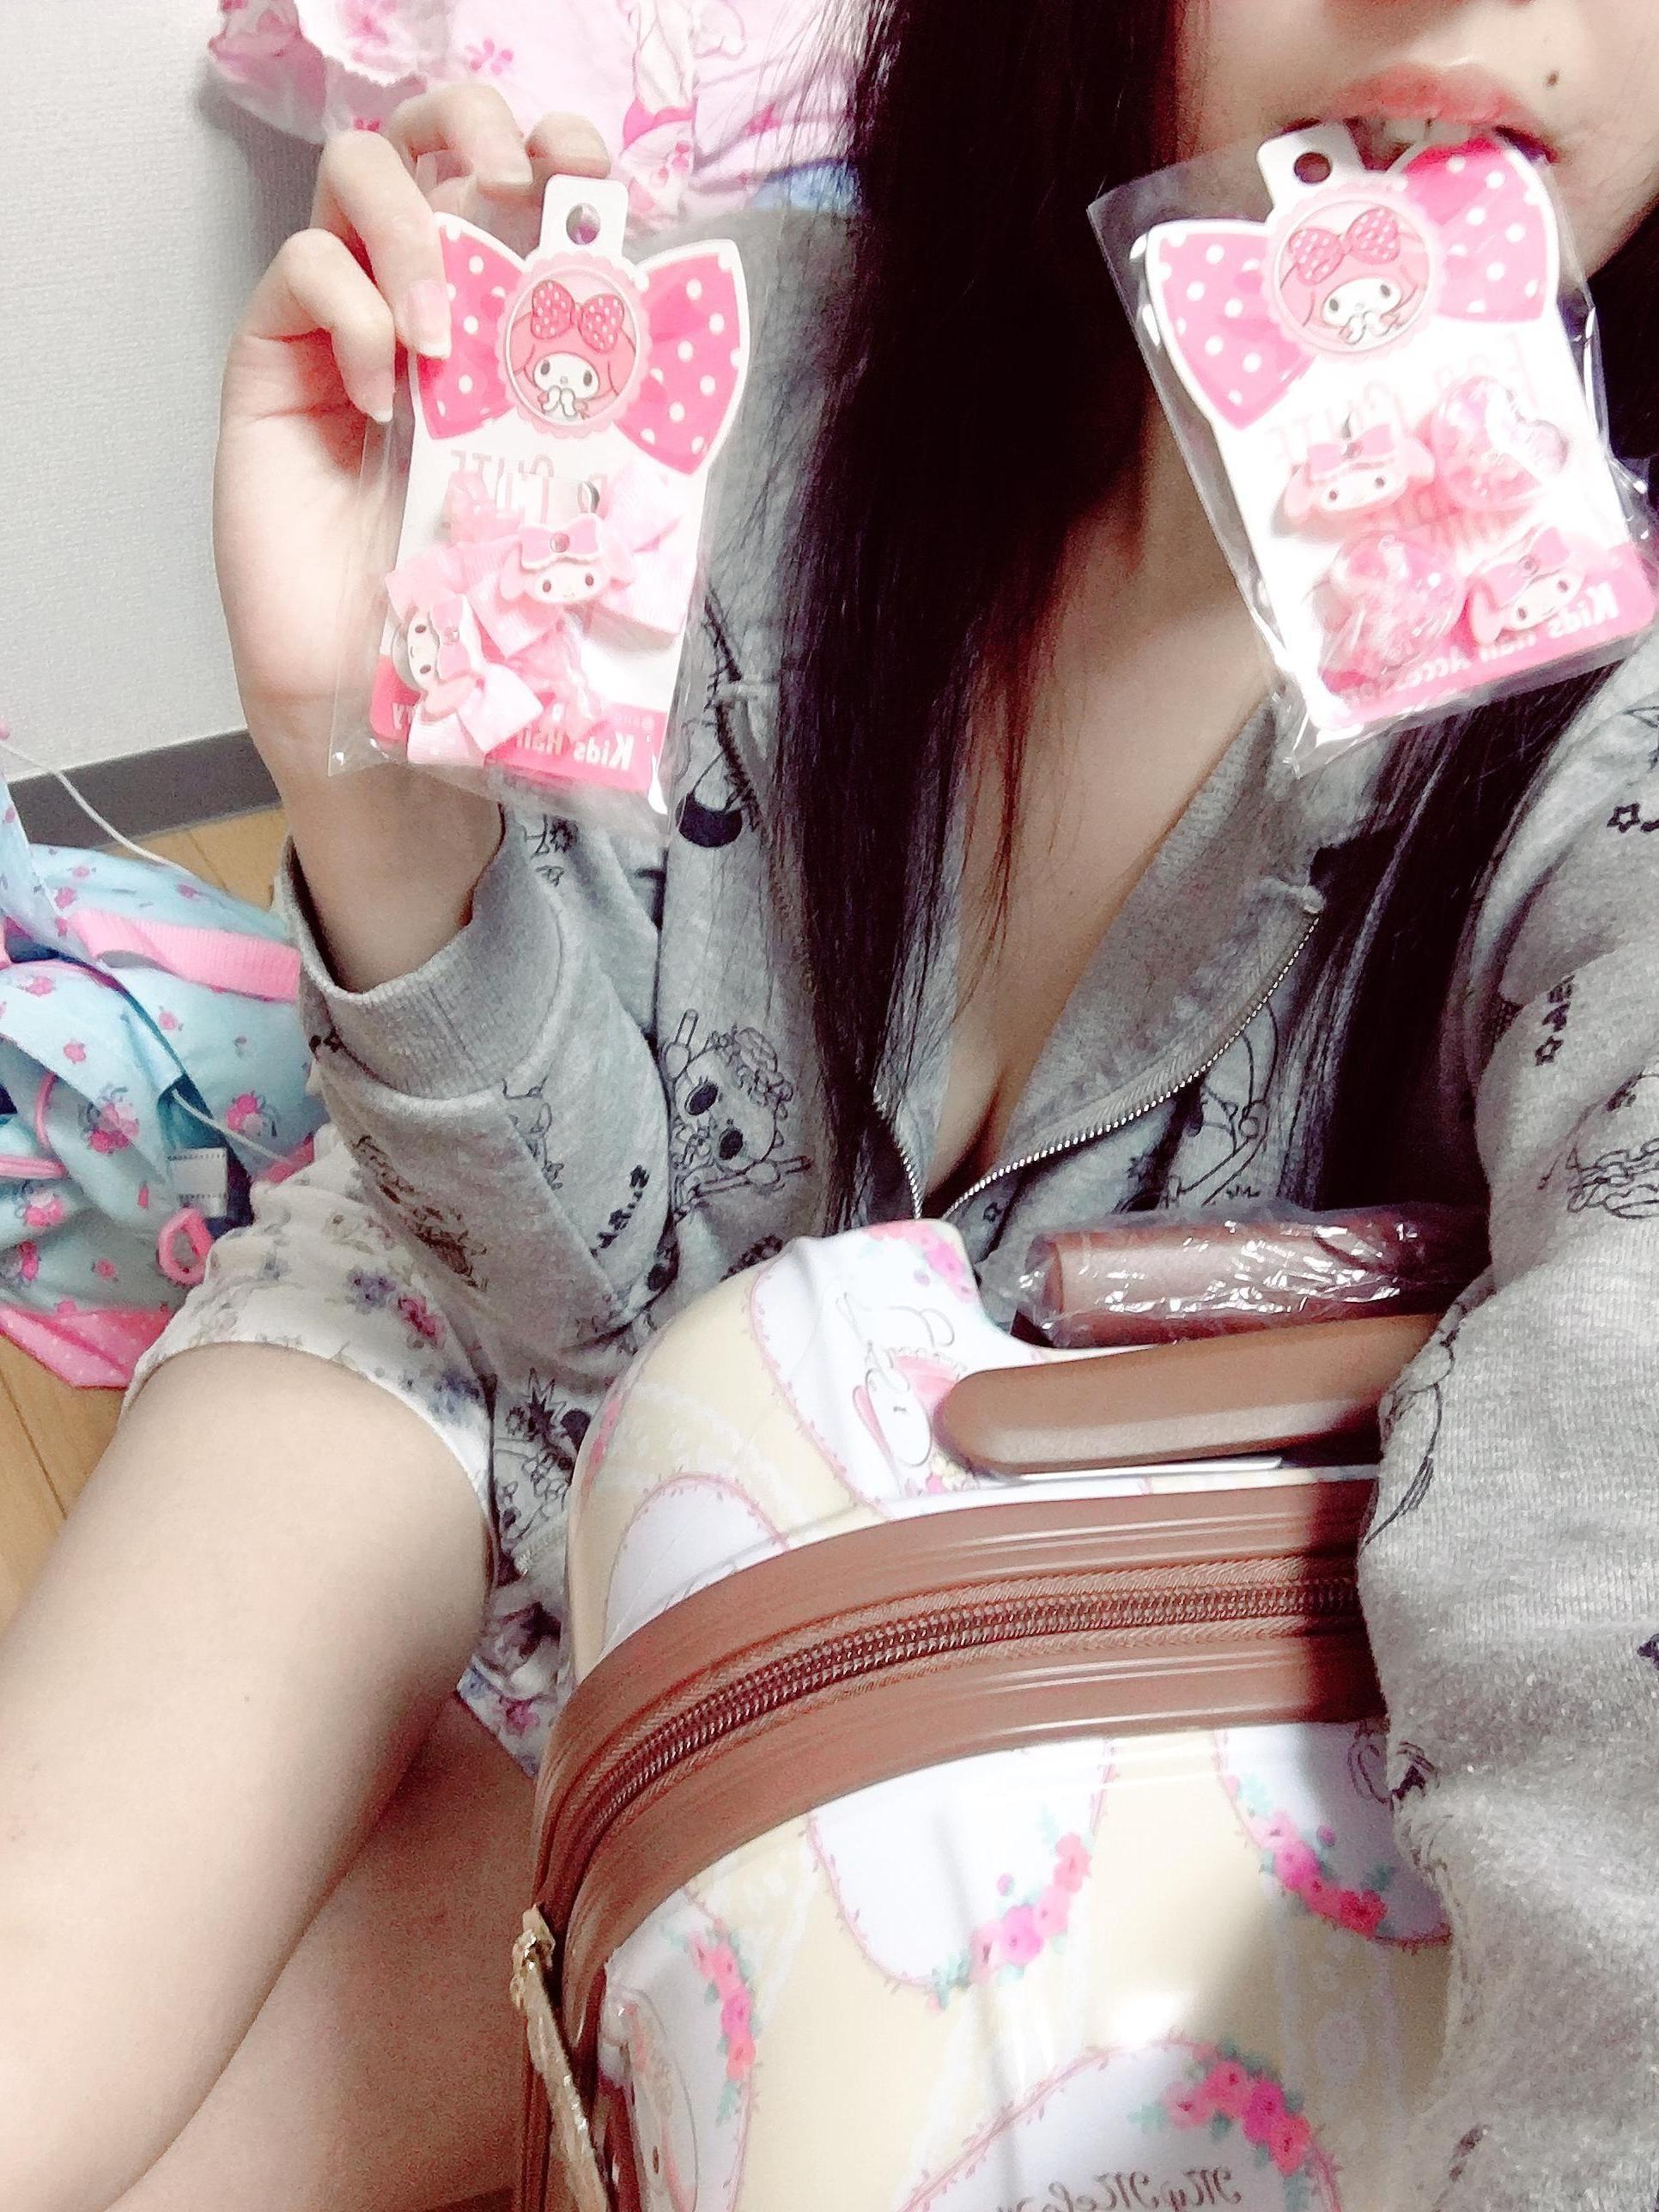 「愛しのマイメロちゃんグッズ」03/26日(火) 15:03 | みすず の写メ・風俗動画